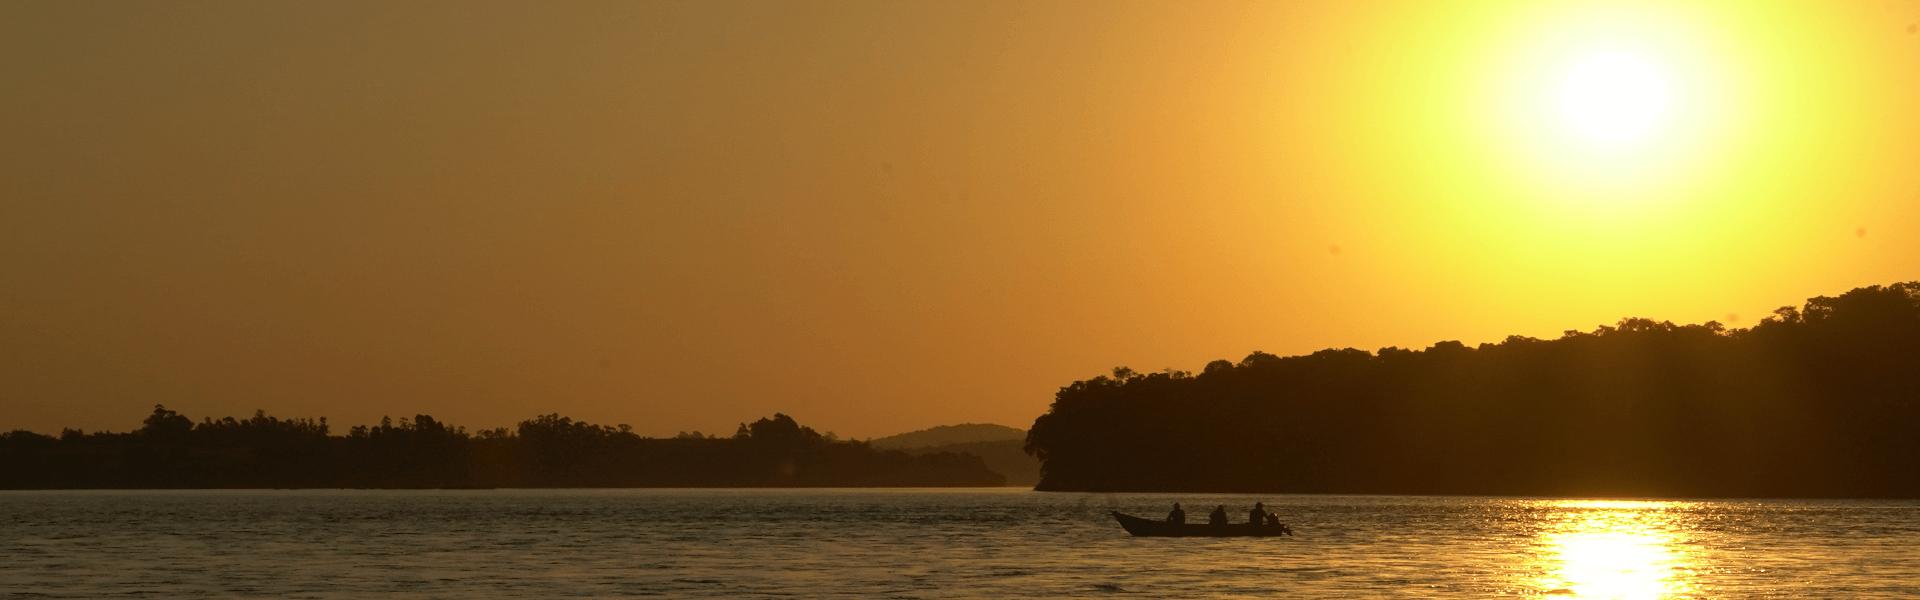 7 coisas que você pode fazer para preservar o meio ambiente